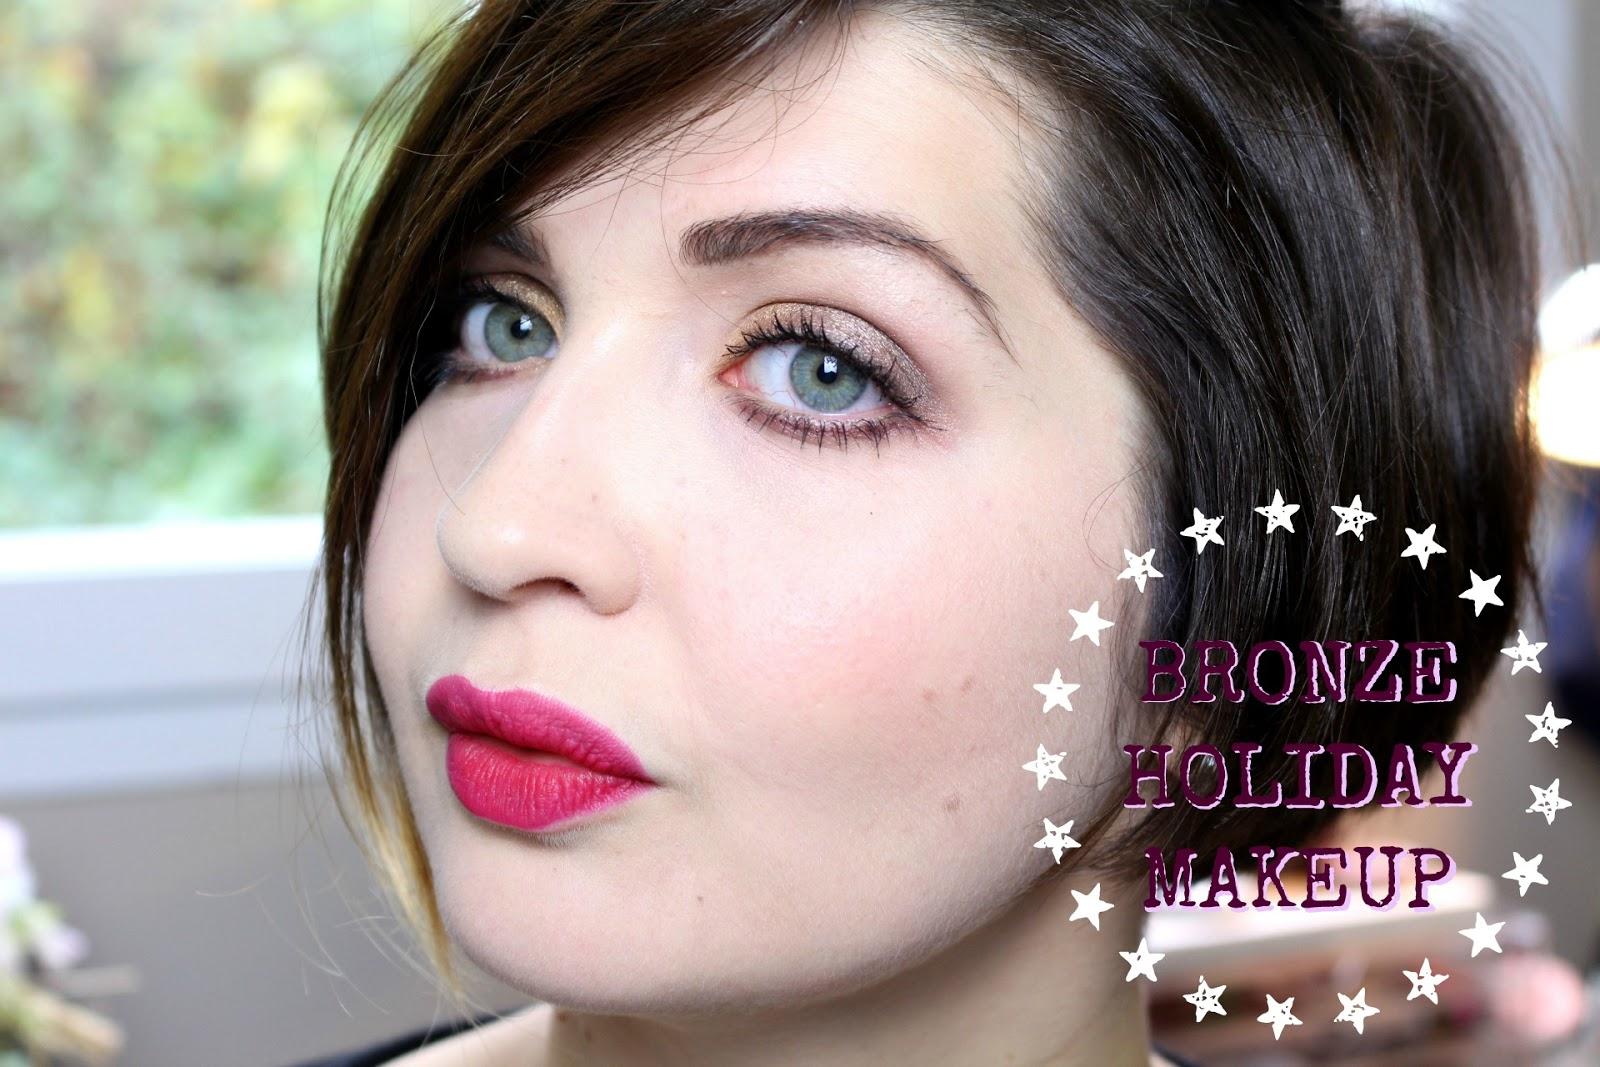 Bronze Holiday Makeup